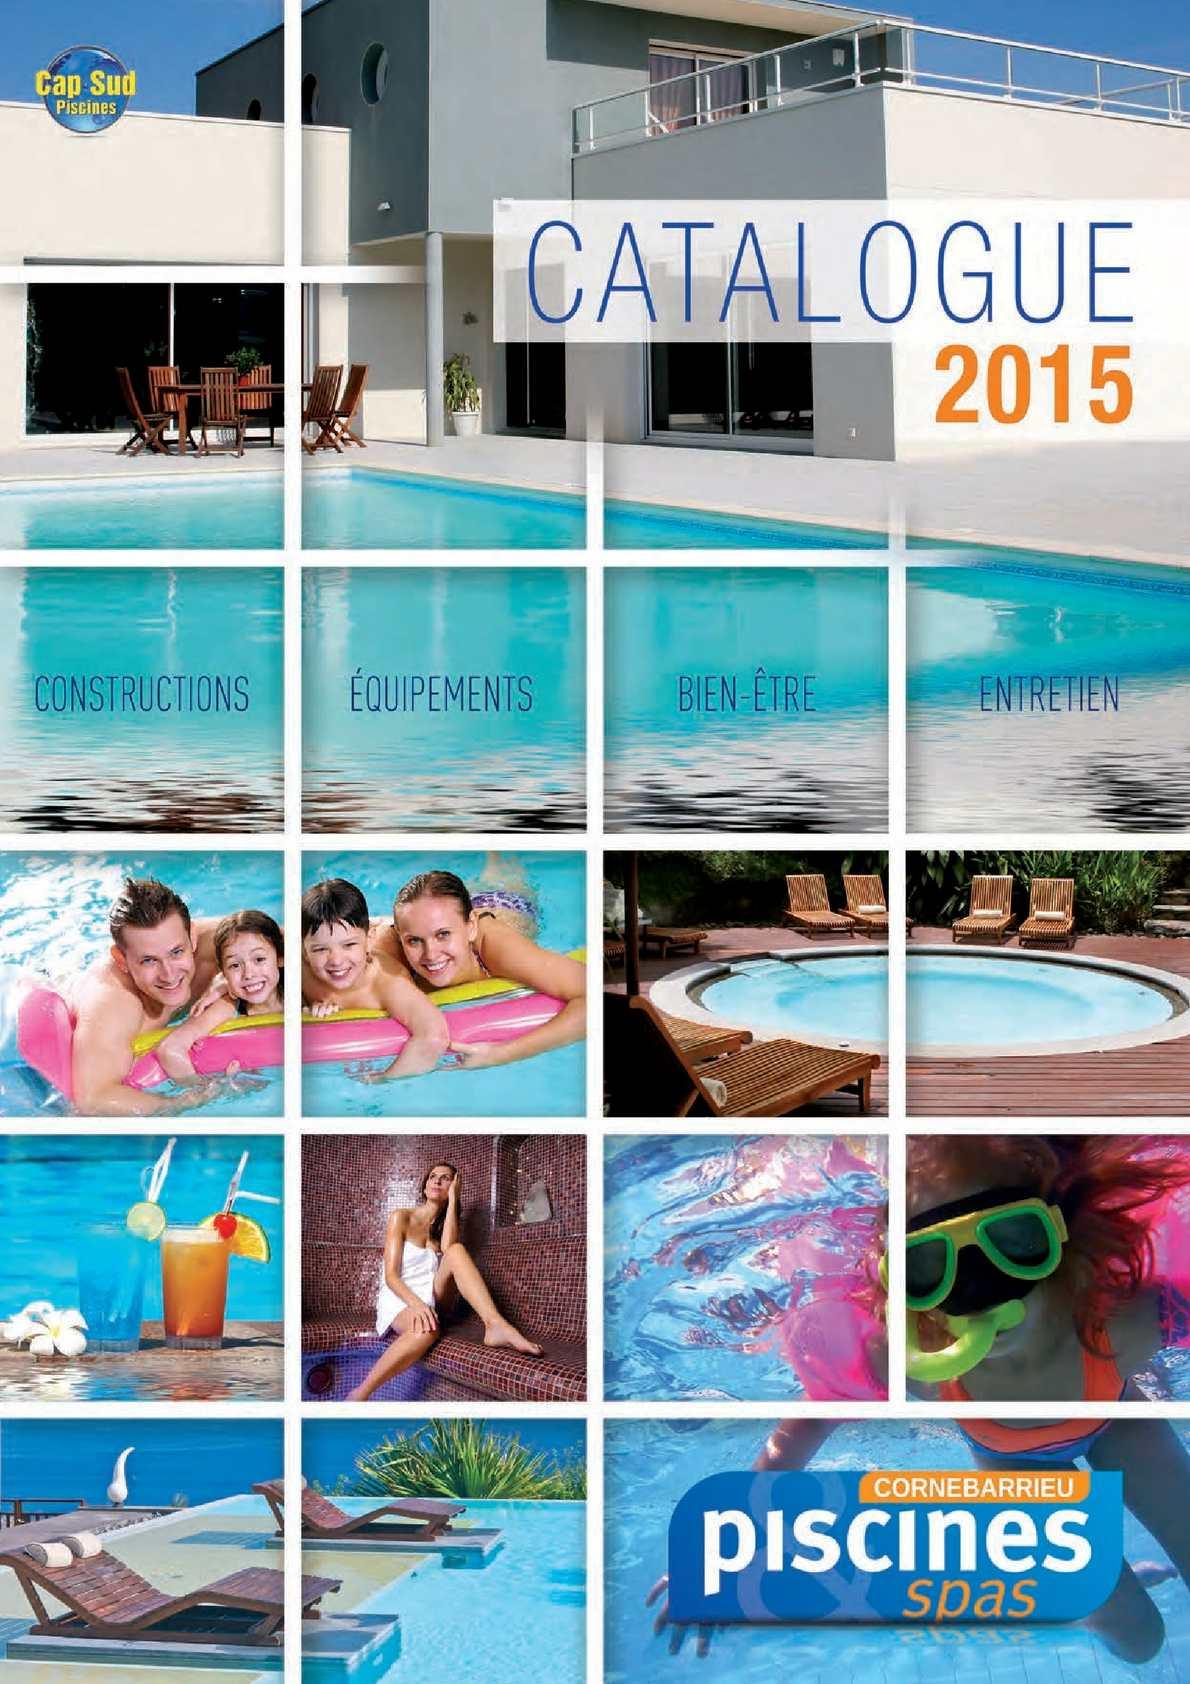 Calam o catalogue cornebarrieu pisicines 2015 for Piscine cornebarrieu